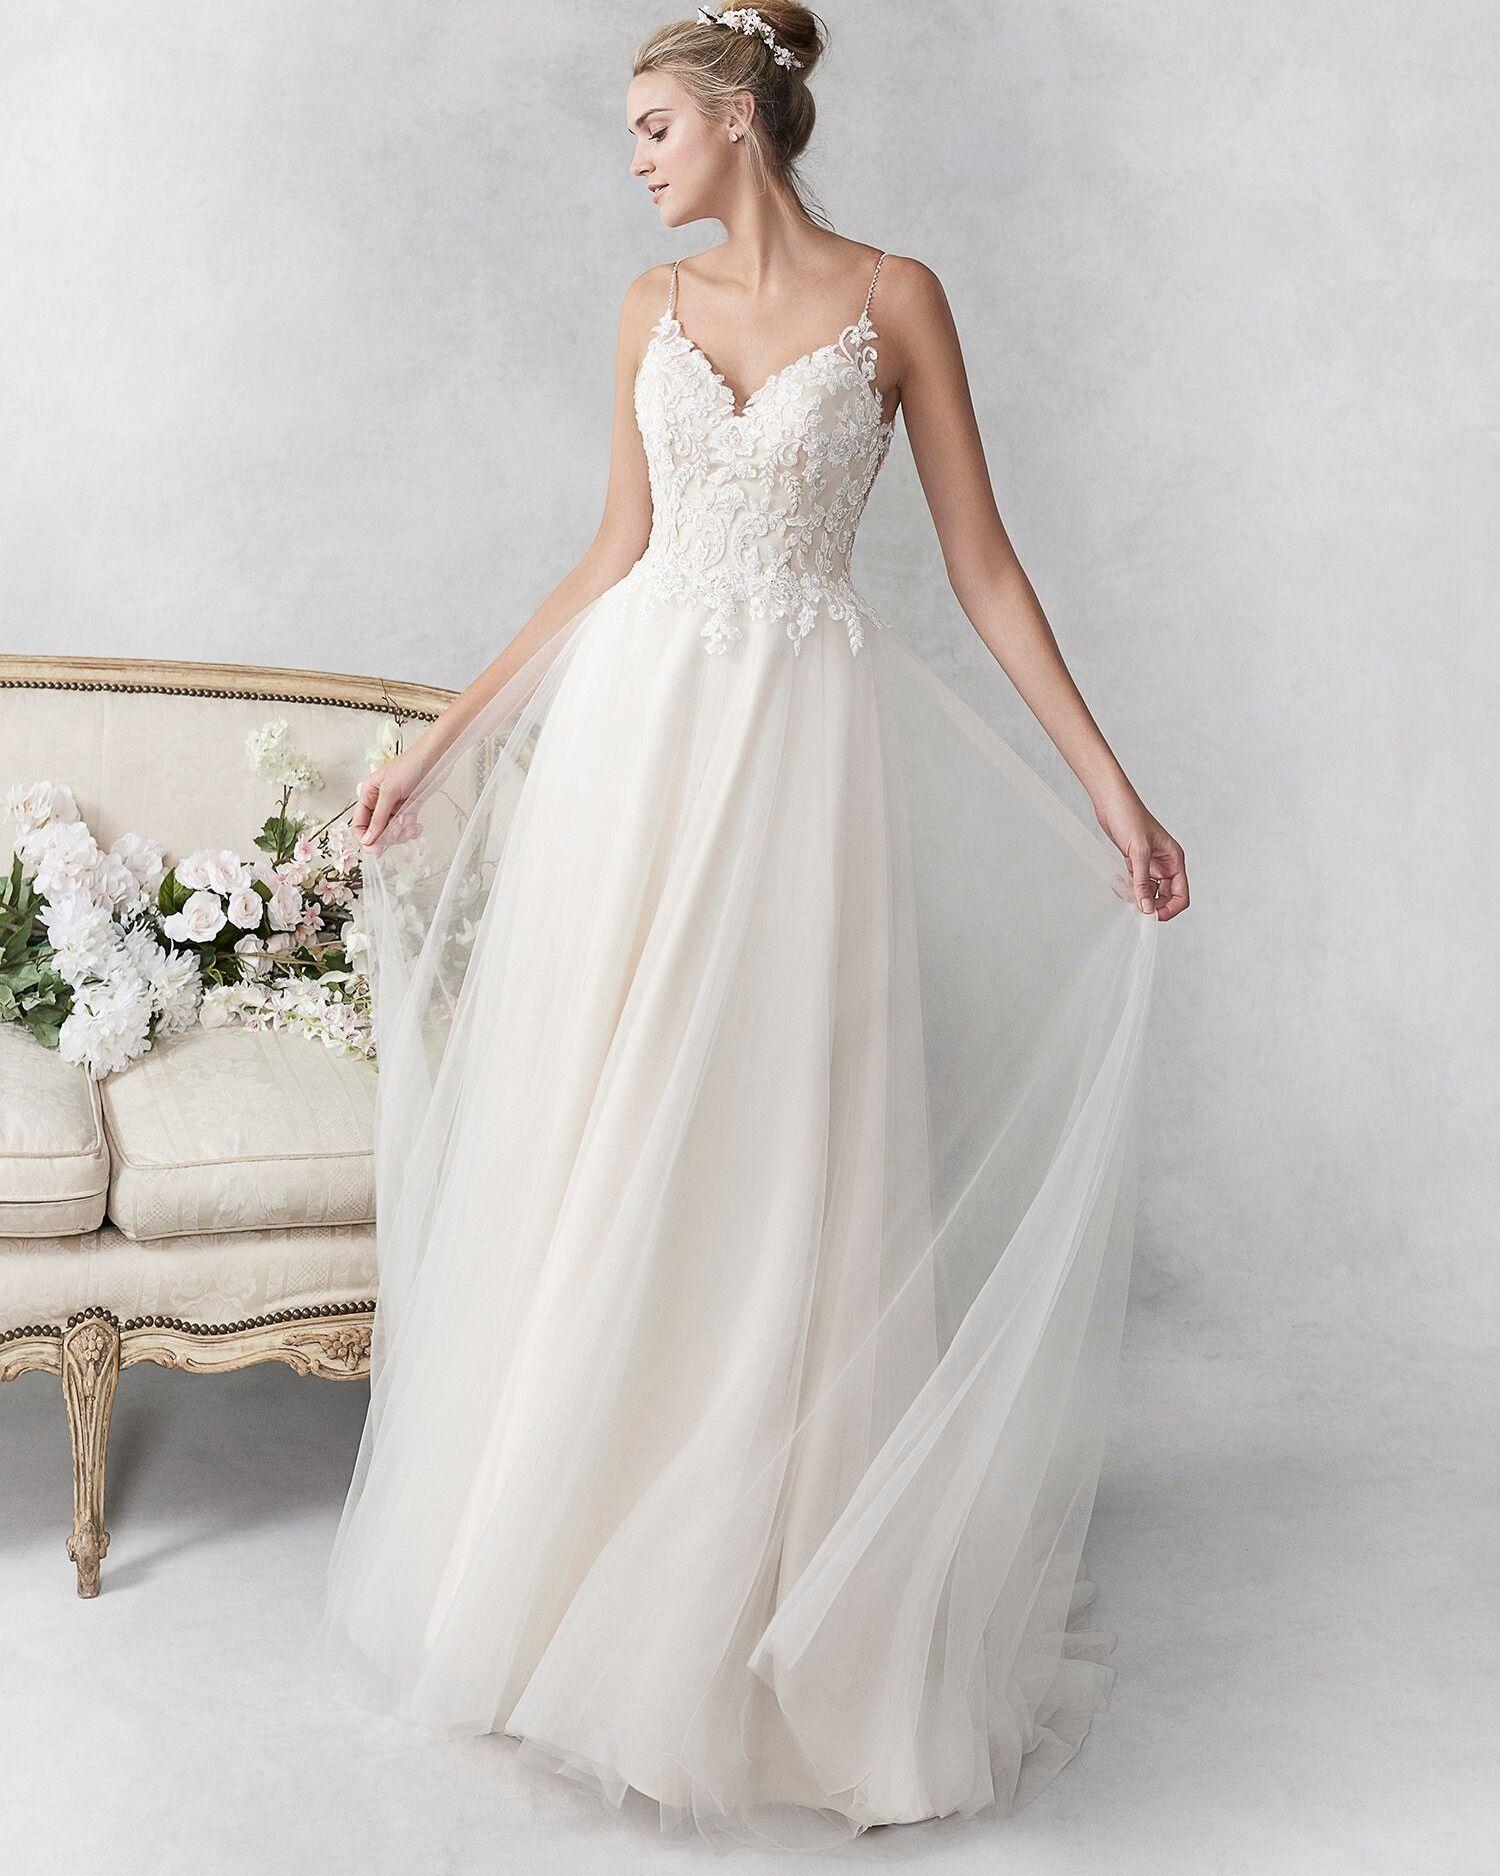 Romantic Lace Bridal Gown Wedding Dresses A Line Wedding Dress Kenneth Winston Wedding Dresses